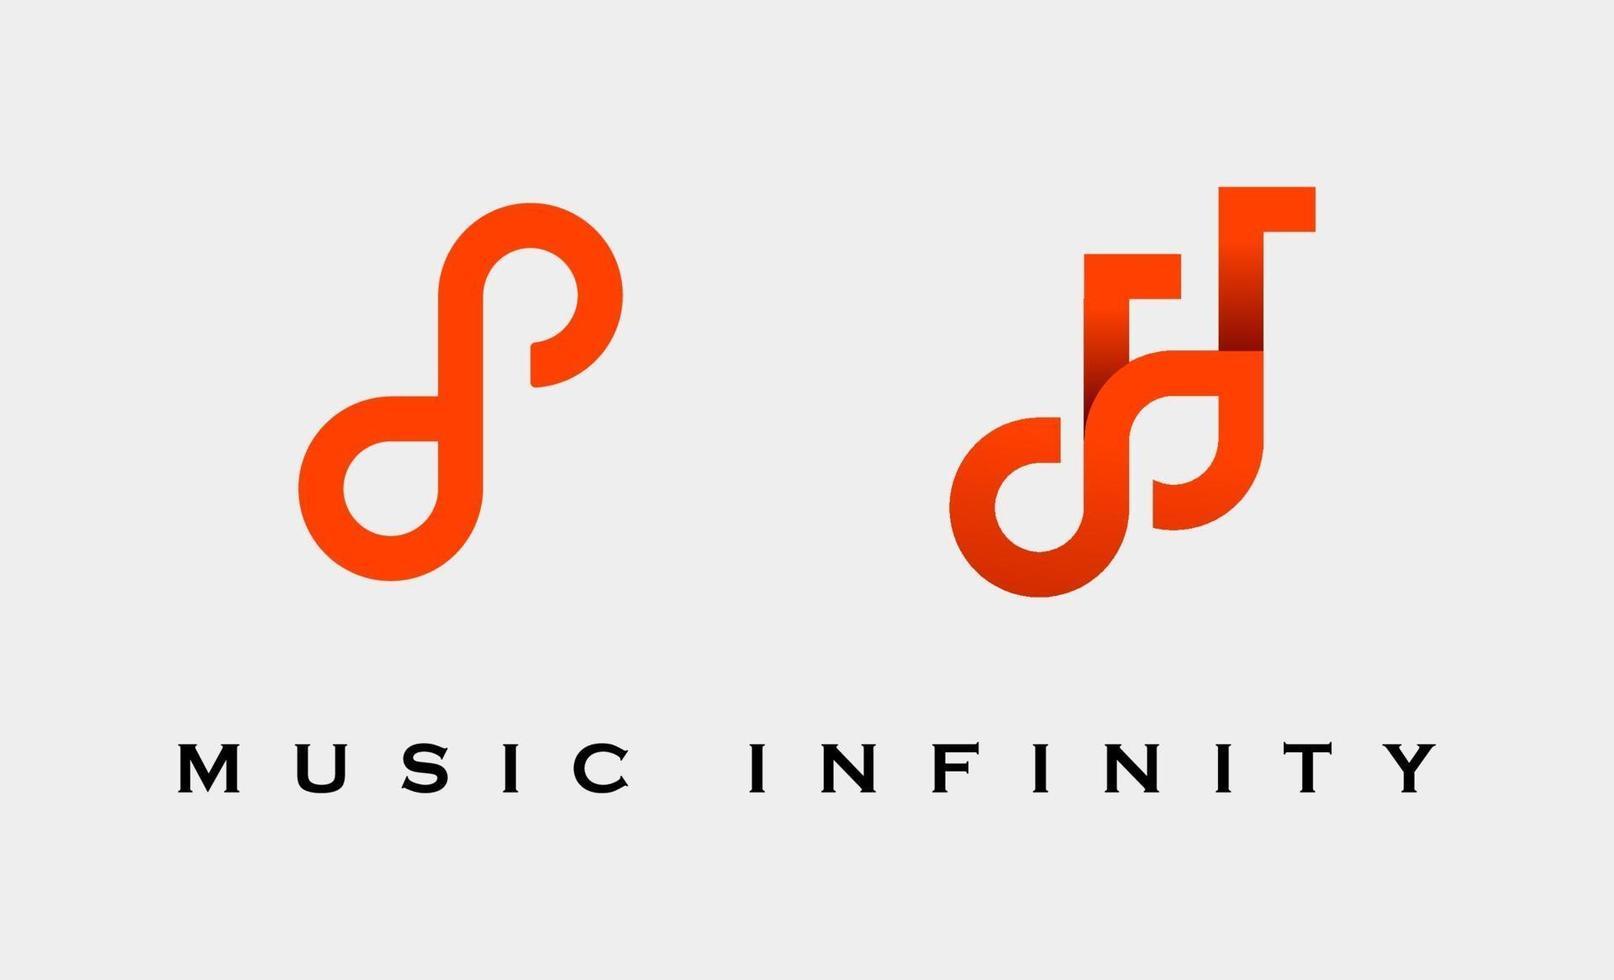 illustration vectorielle de musique infini logo design vecteur